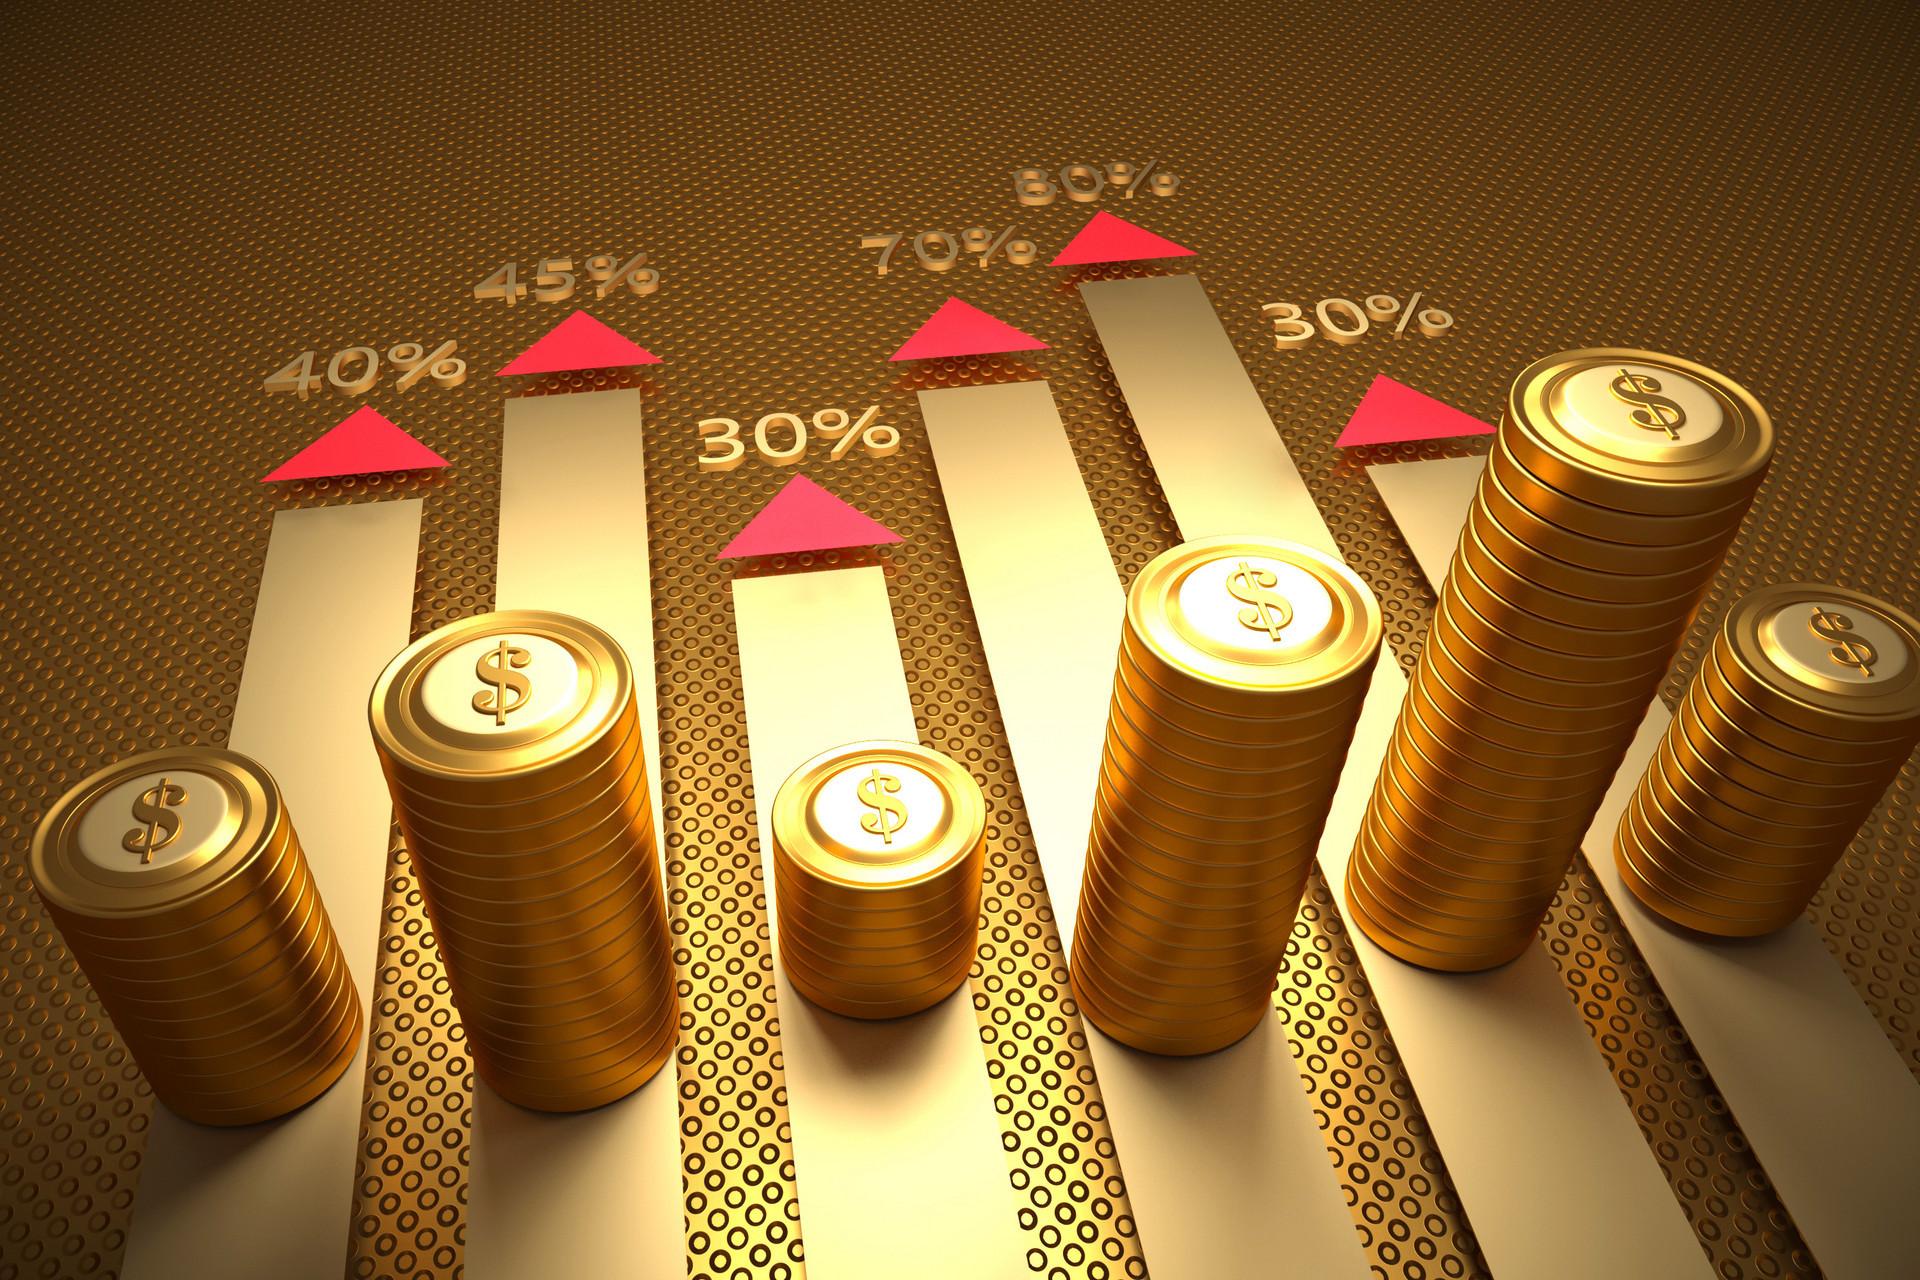 太保系资金二度举牌港股标的 前两月险资举牌已达5次-企查查